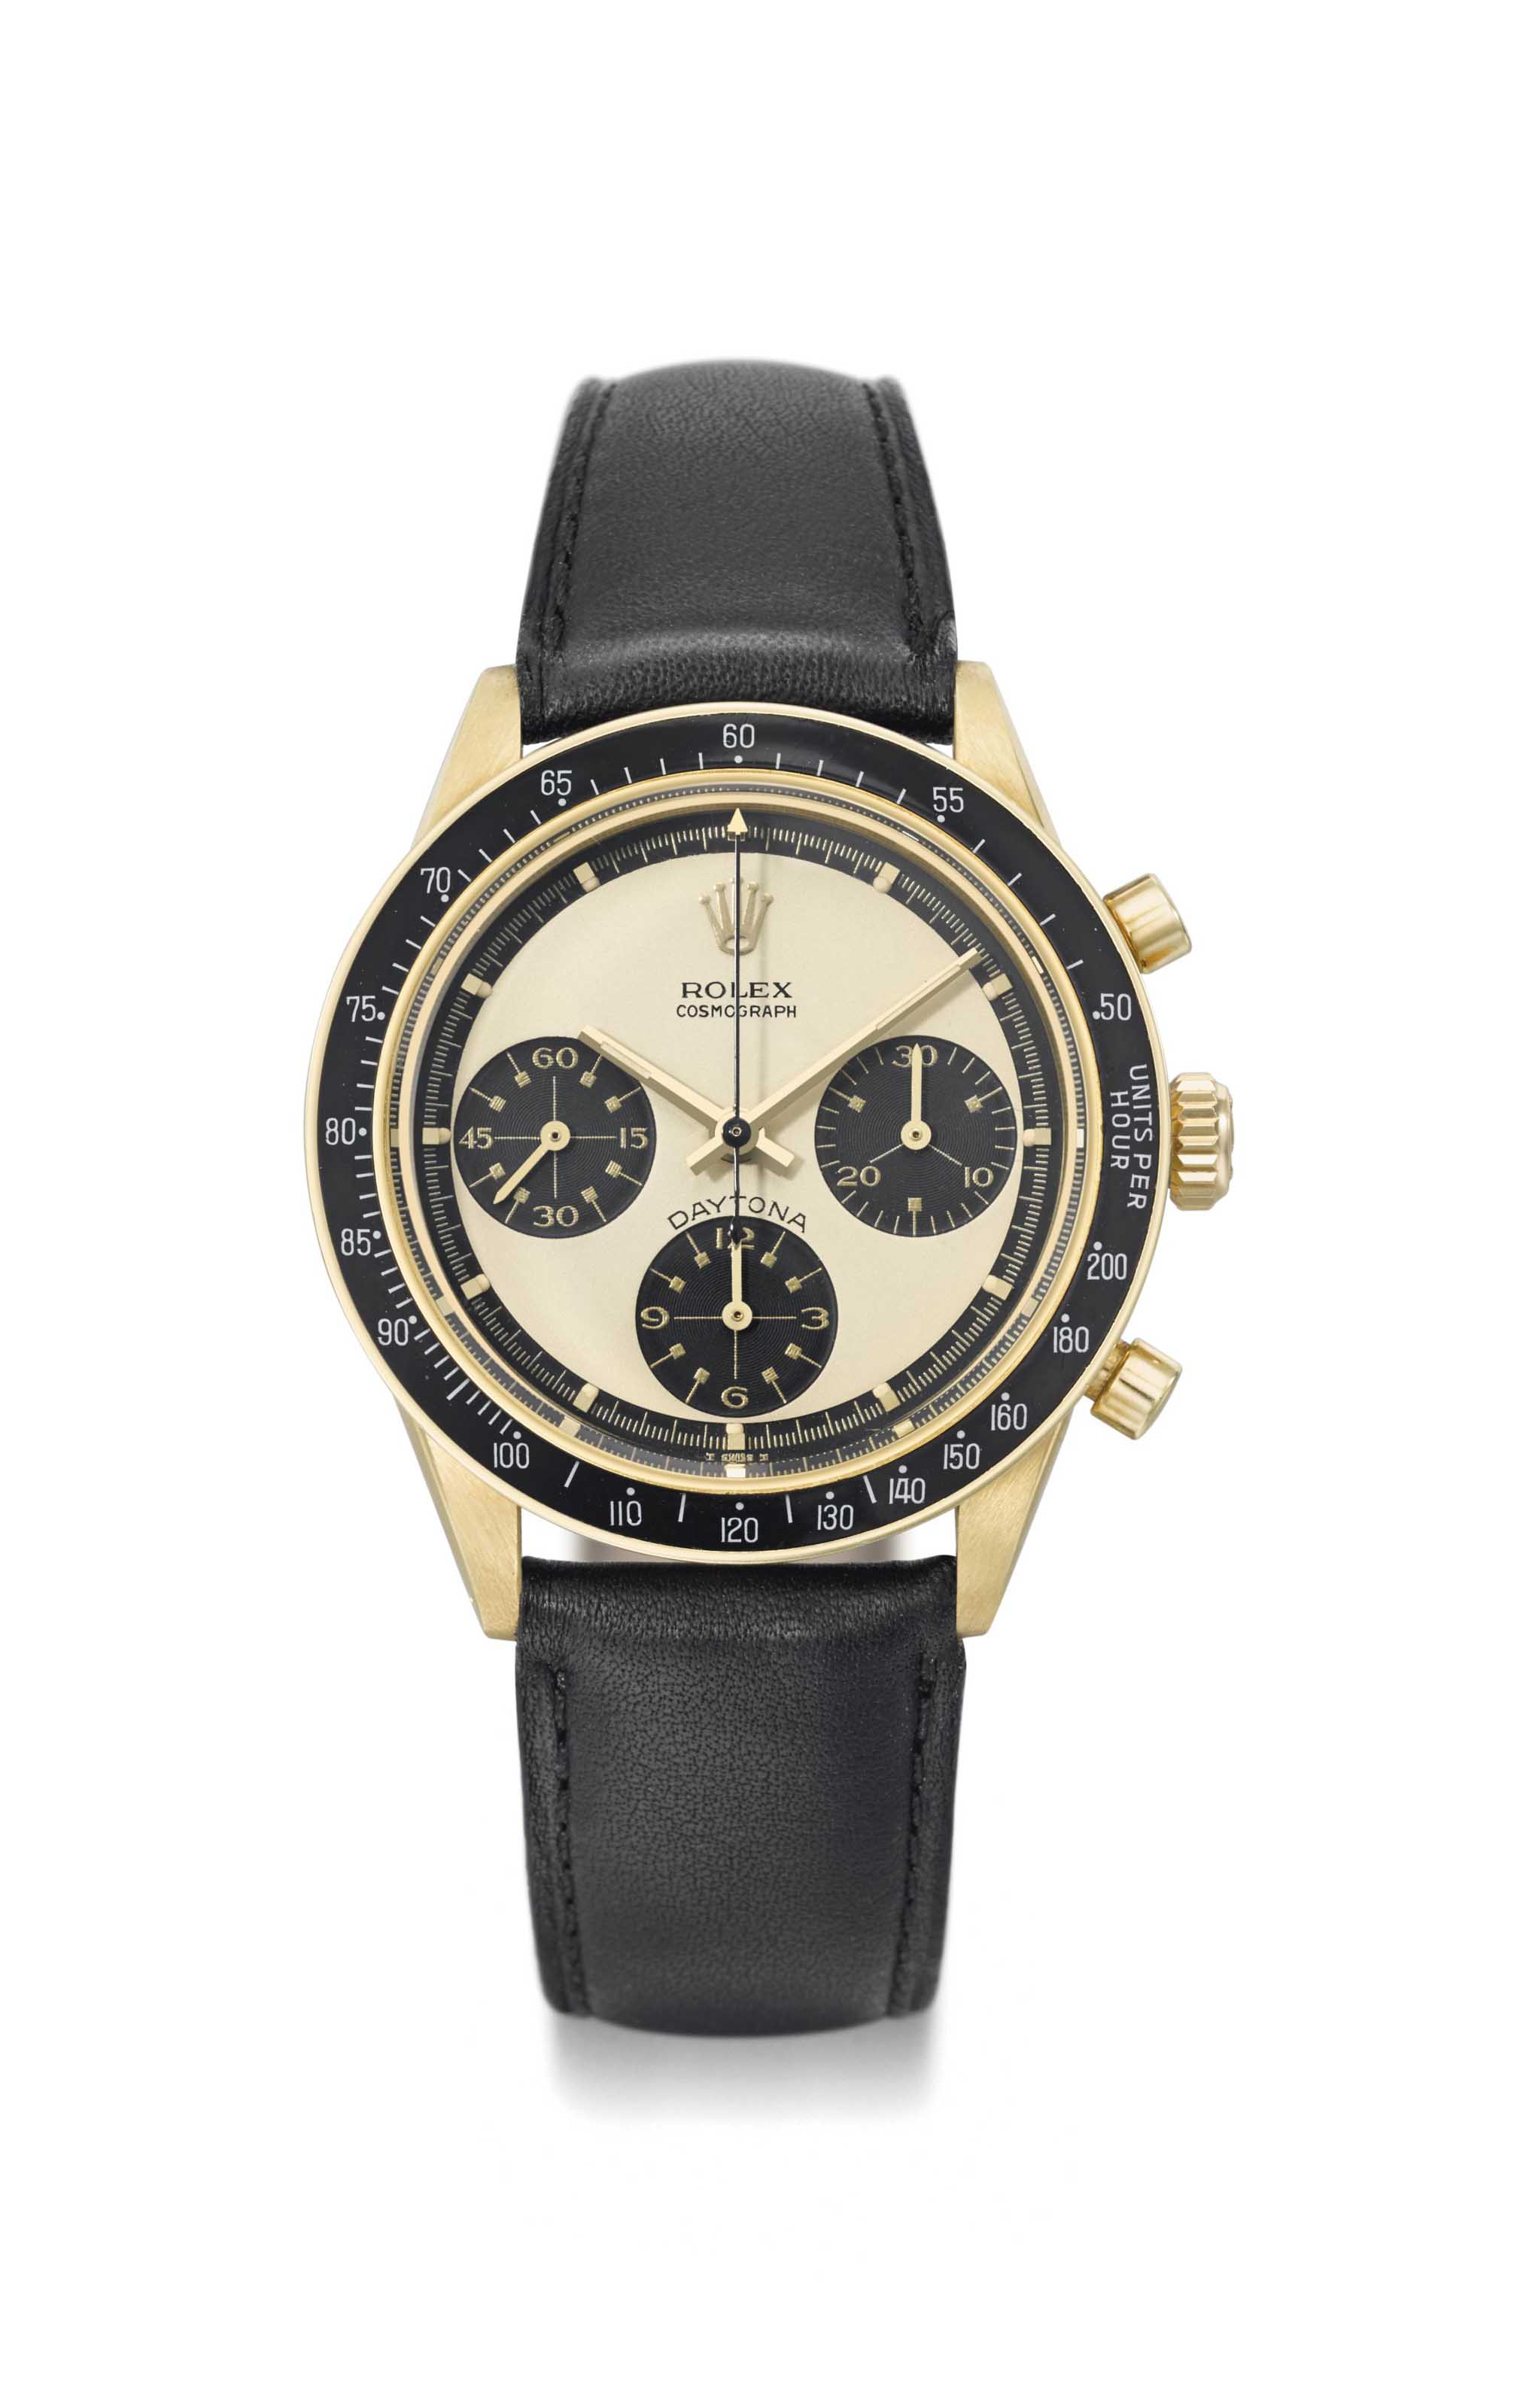 Rolex. A fine, rare and attrac